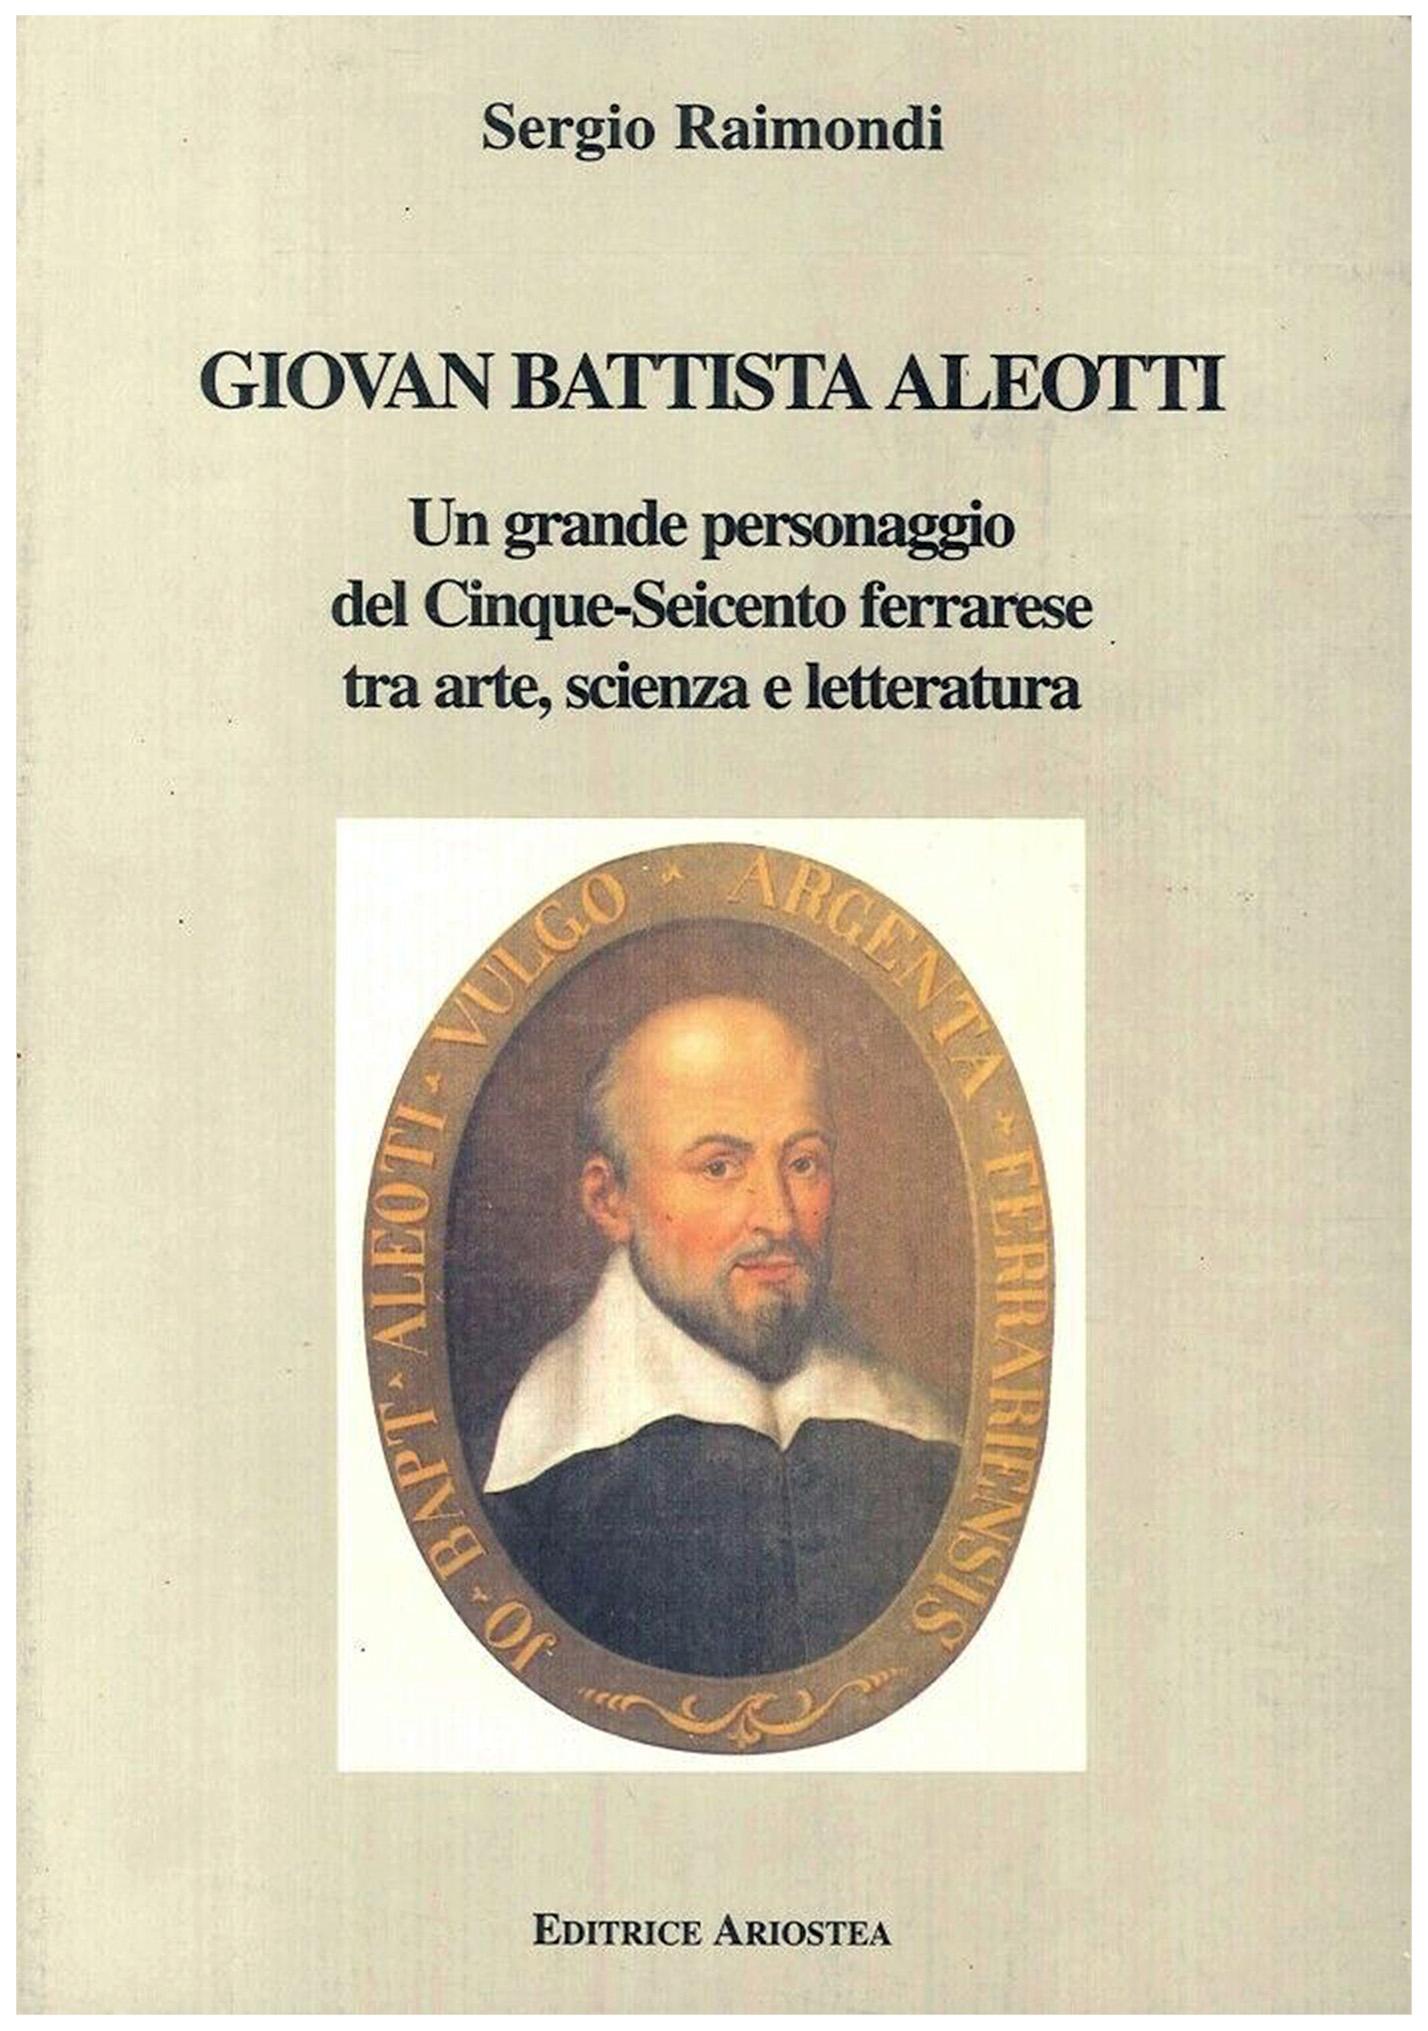 Giovan Battista Aleotti: un grande personaggio